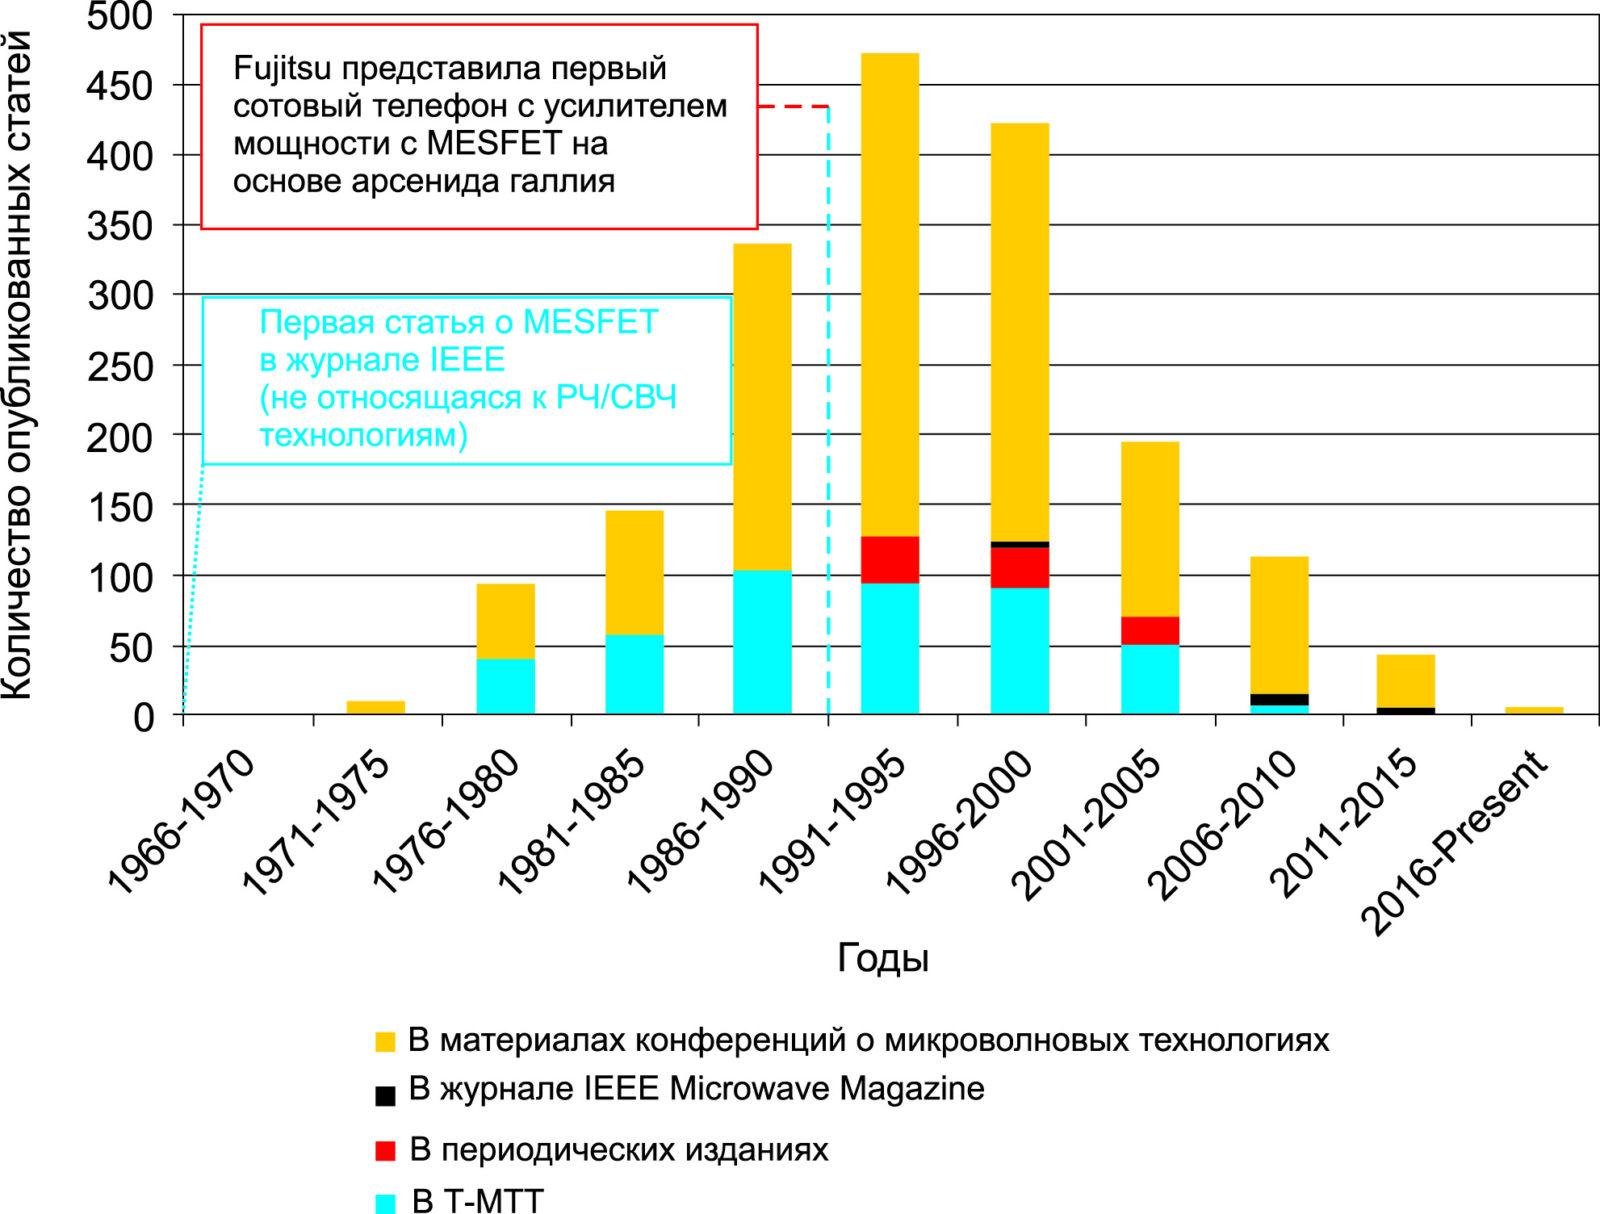 Количество статей о микроволновых MESFET по годам (все публикации IEEE Xplore плюс конференции с термином «микроволновый» в названии).  Также показано первое внедрение MESFET в крупносерийное потребительское радиоустройство